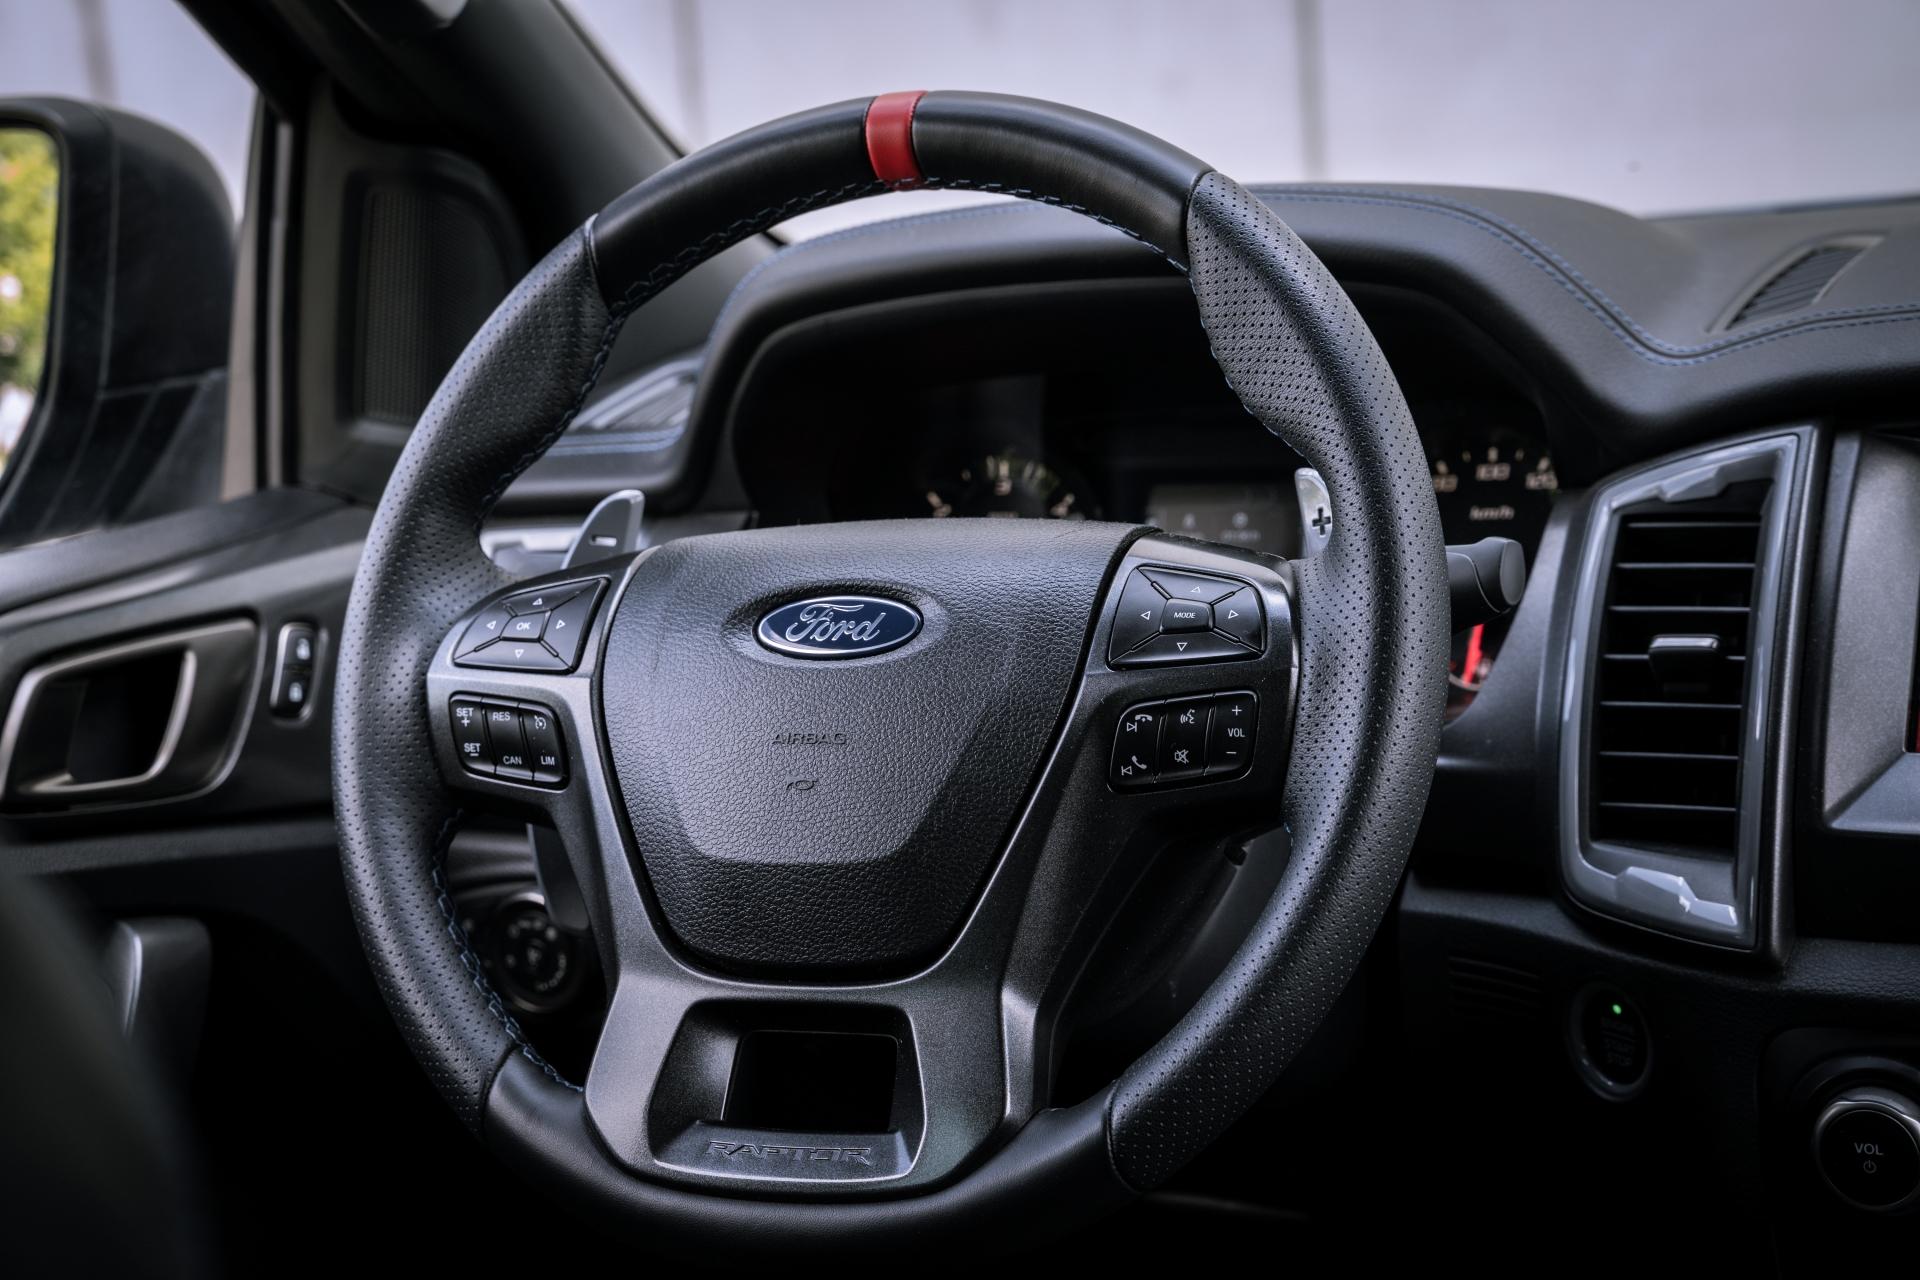 Ford Ranger Raptor 2.0 EcoBlue Bi-Turbo 213 KM Test